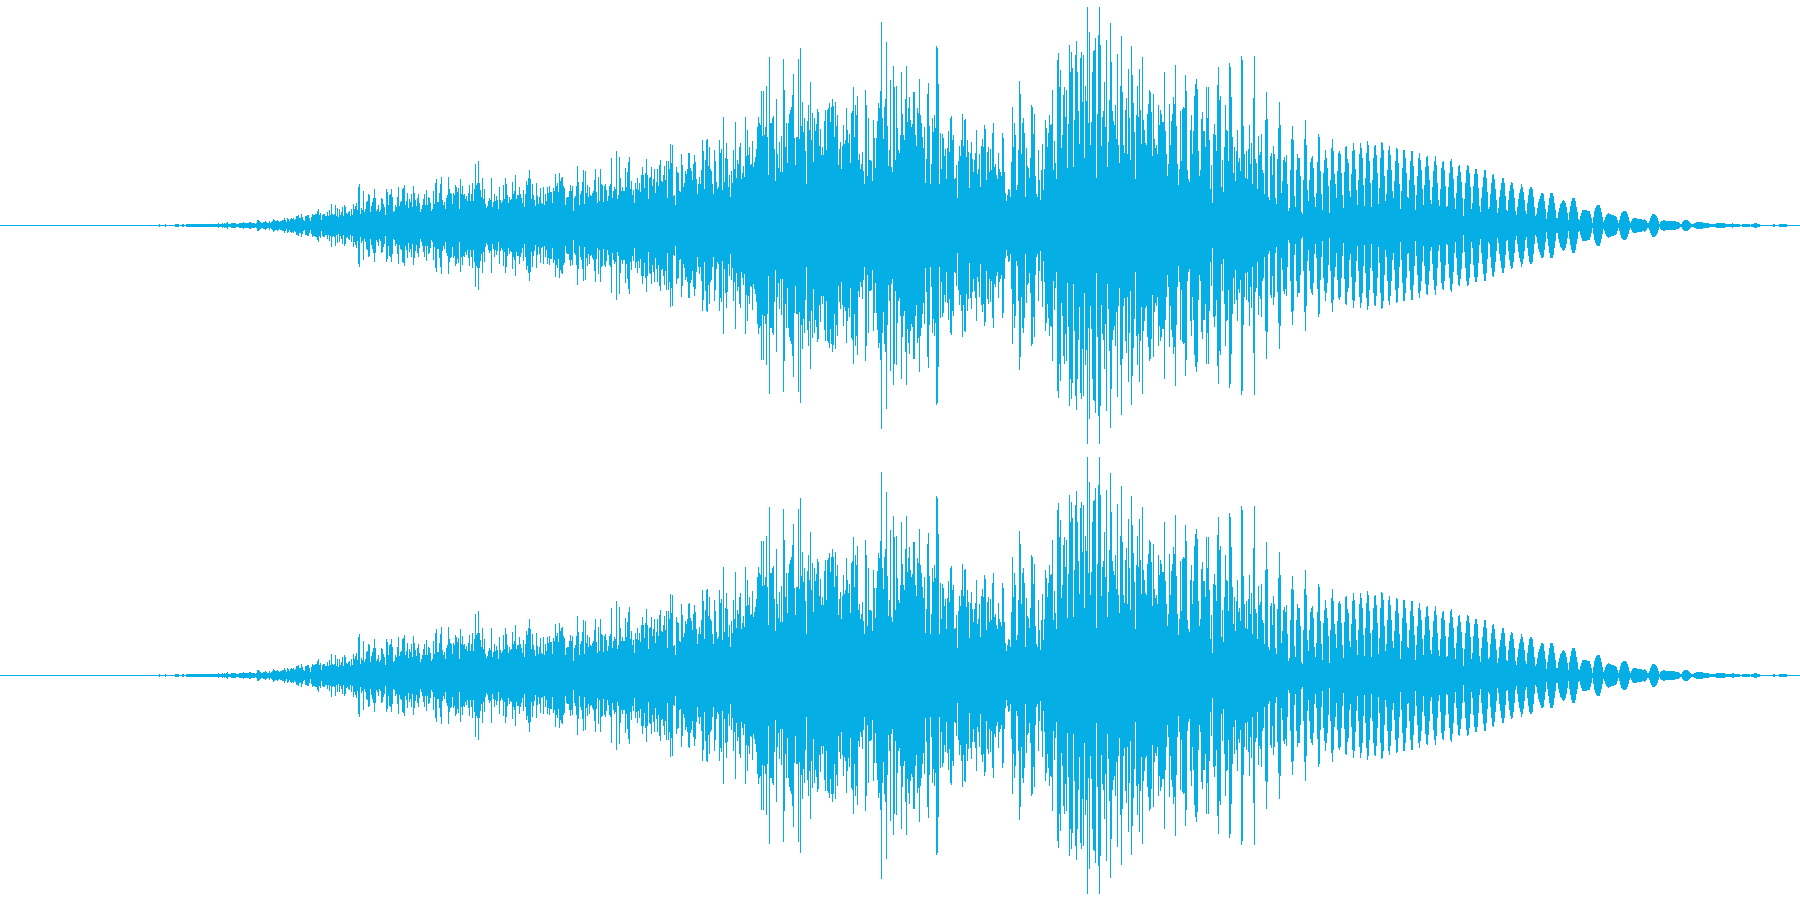 「さん(3)」渋い男性の声の再生済みの波形